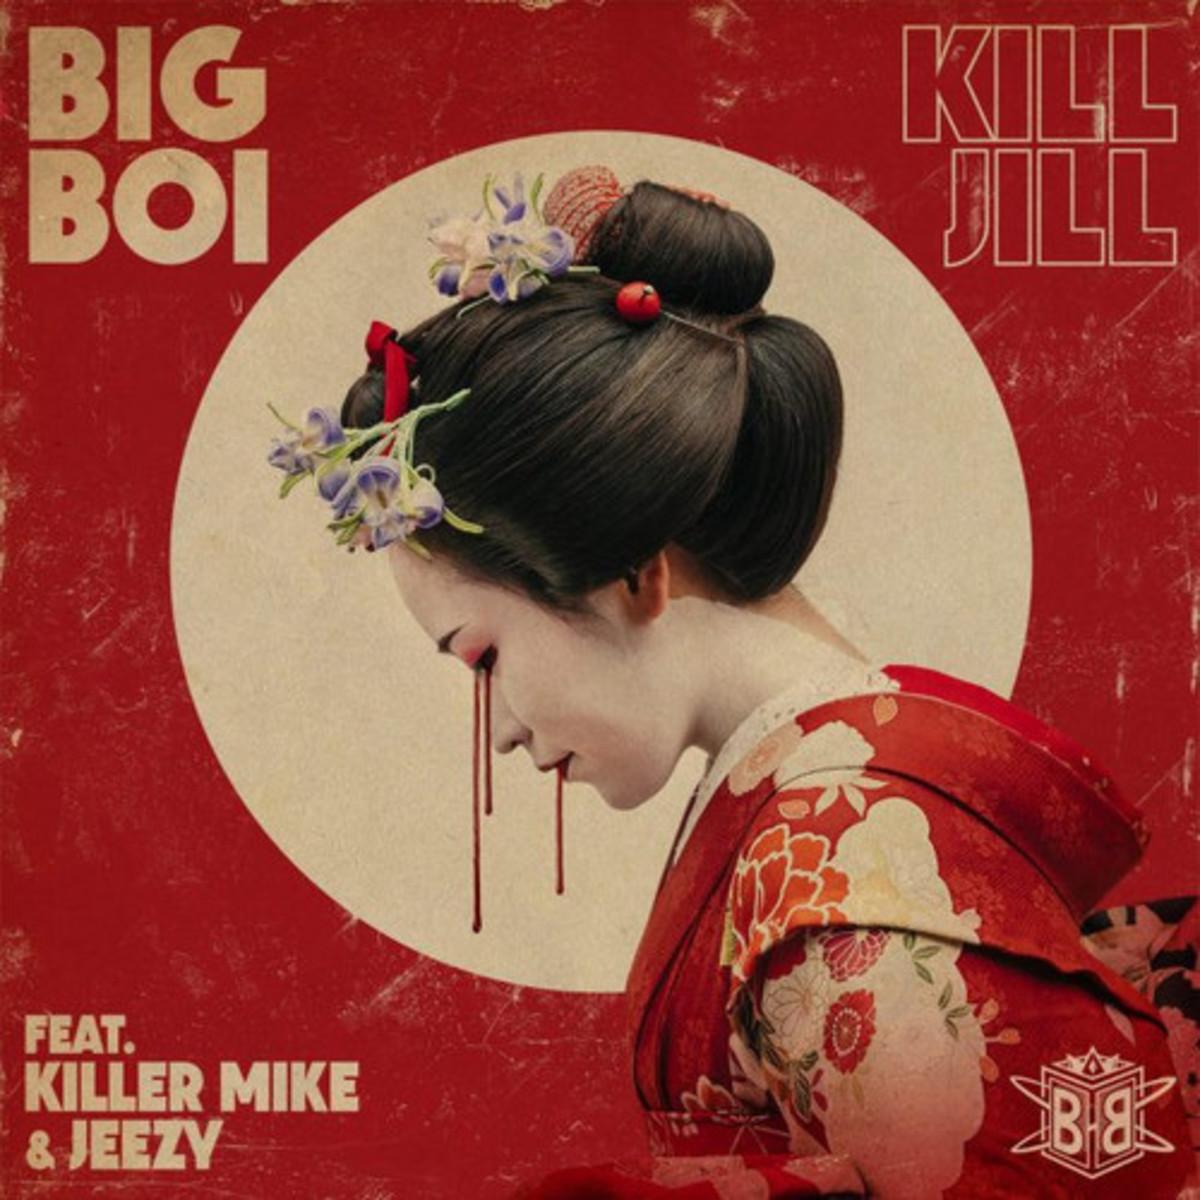 big-boi-kill-jill.jpg